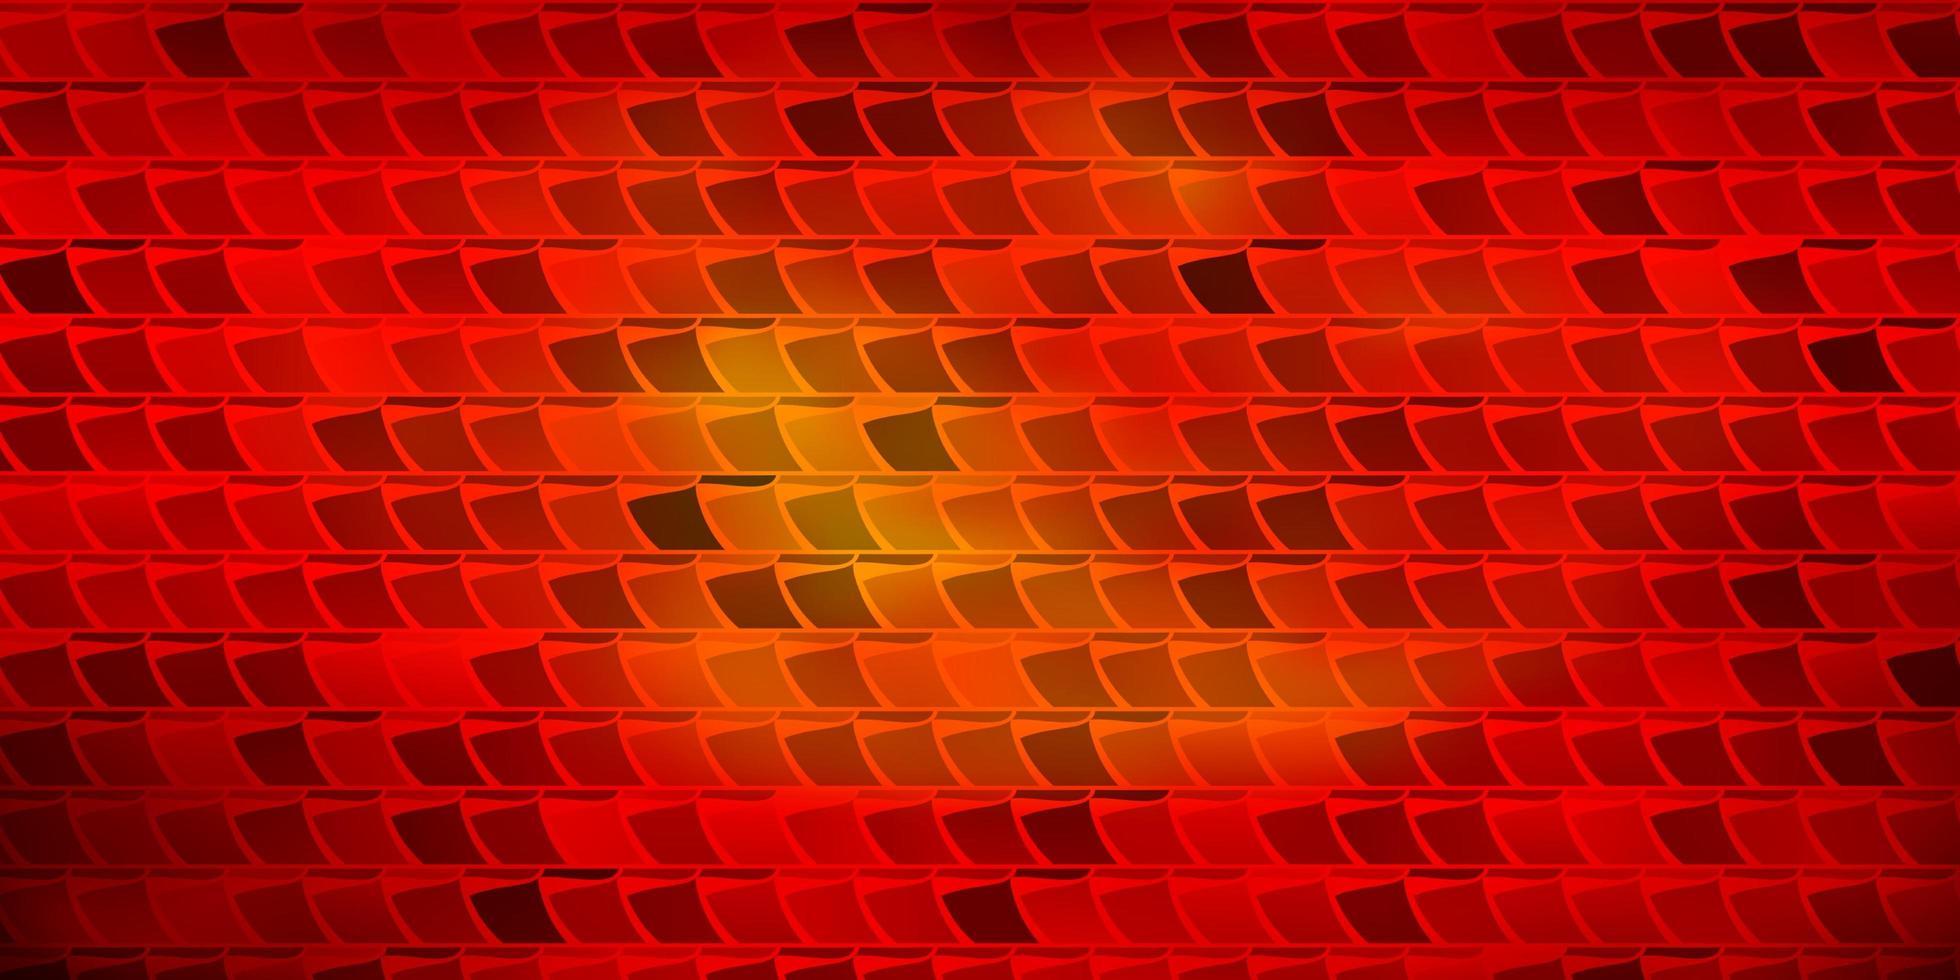 textura de vector rojo oscuro en estilo rectangular